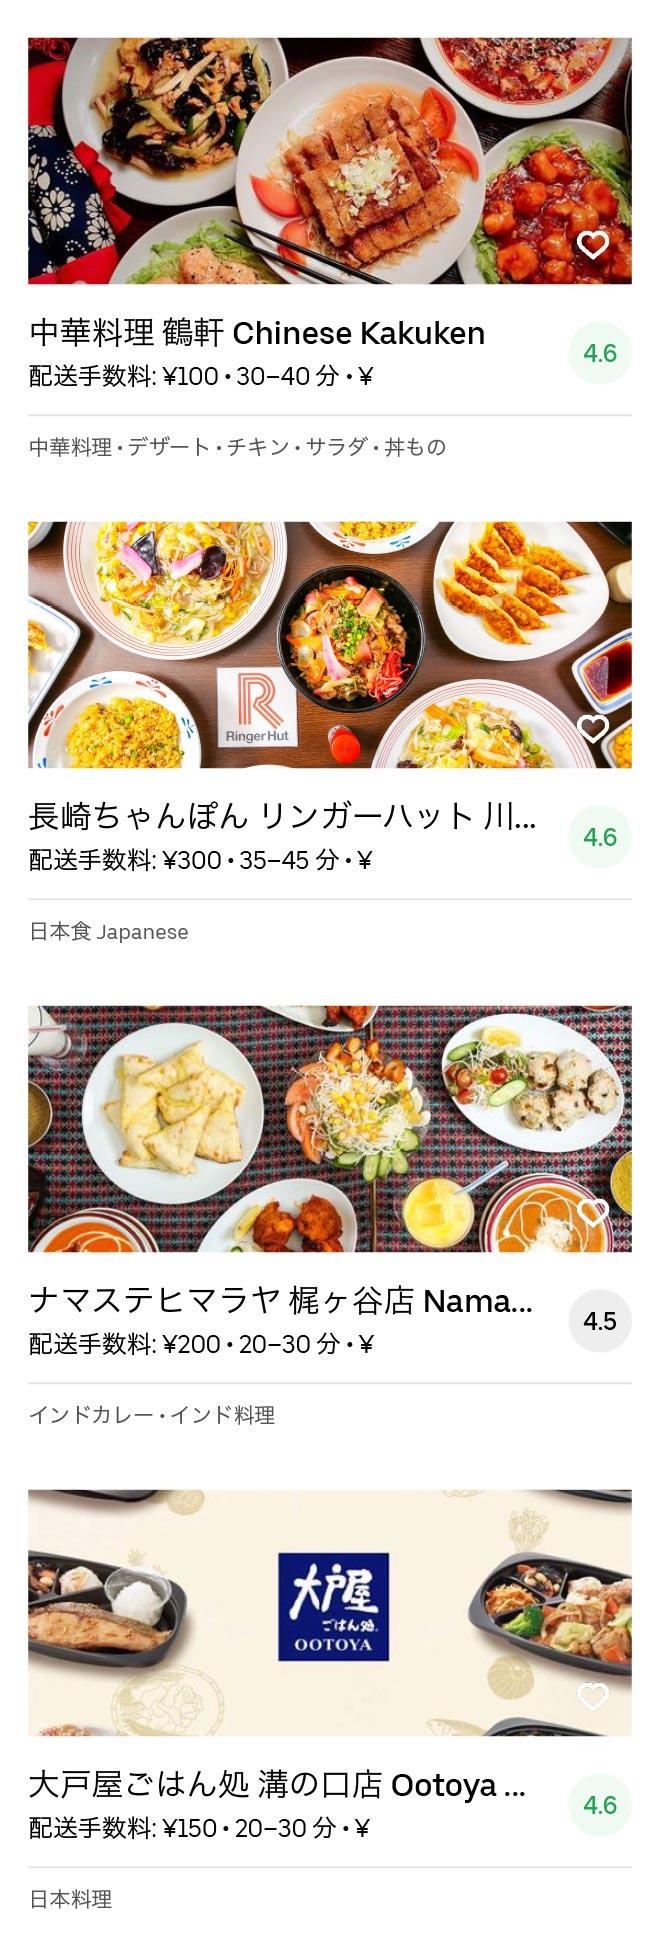 Takatsu menu 2004 09